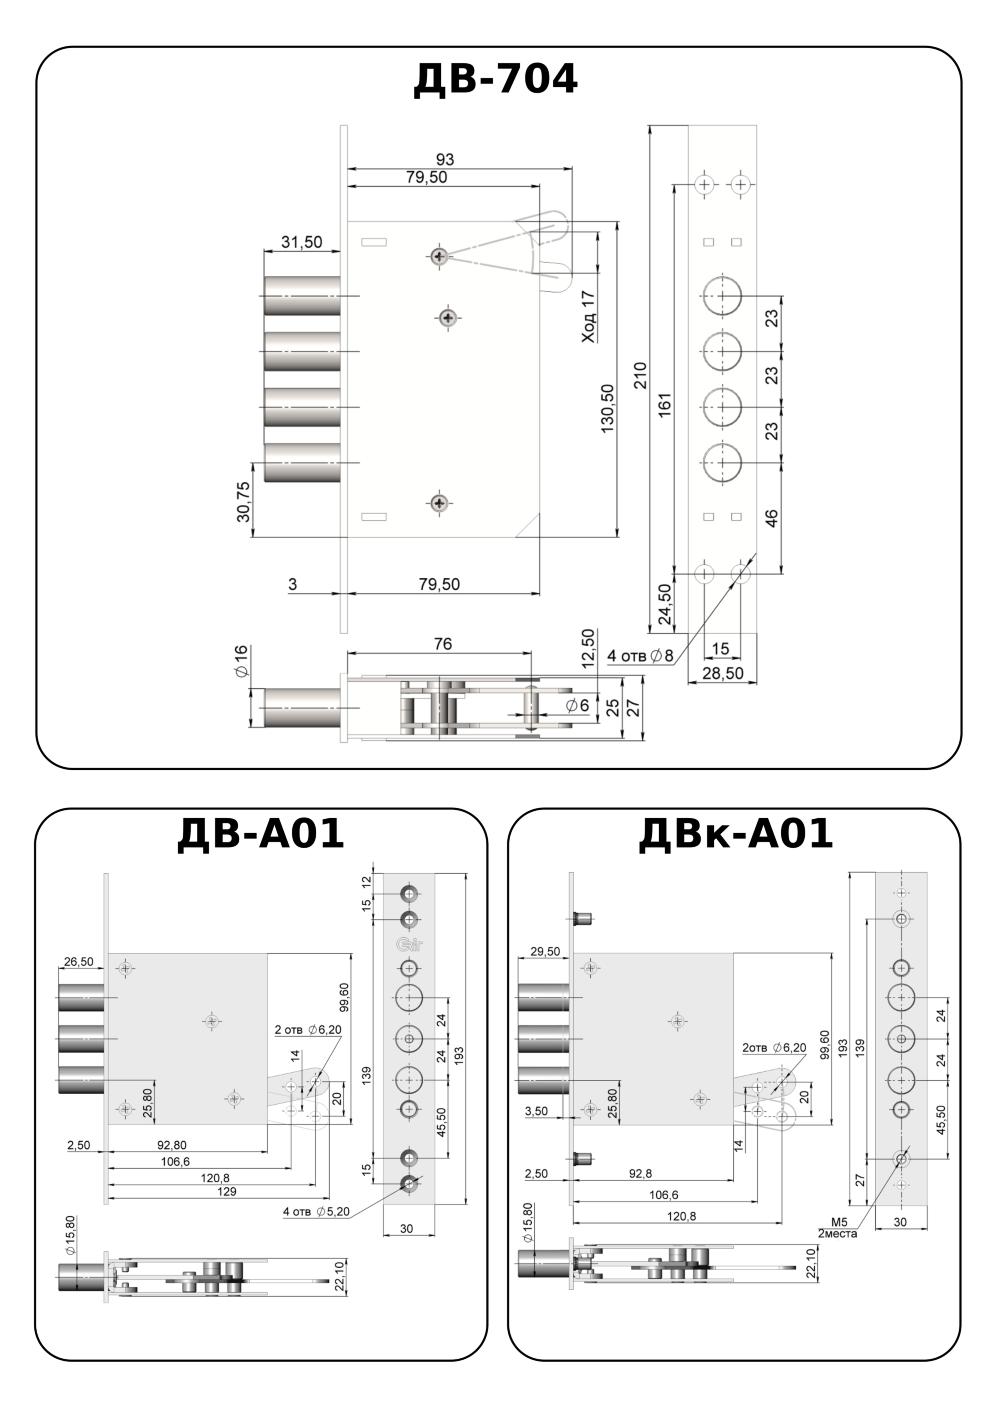 Паспорт девиатора Дв-704 стр 1